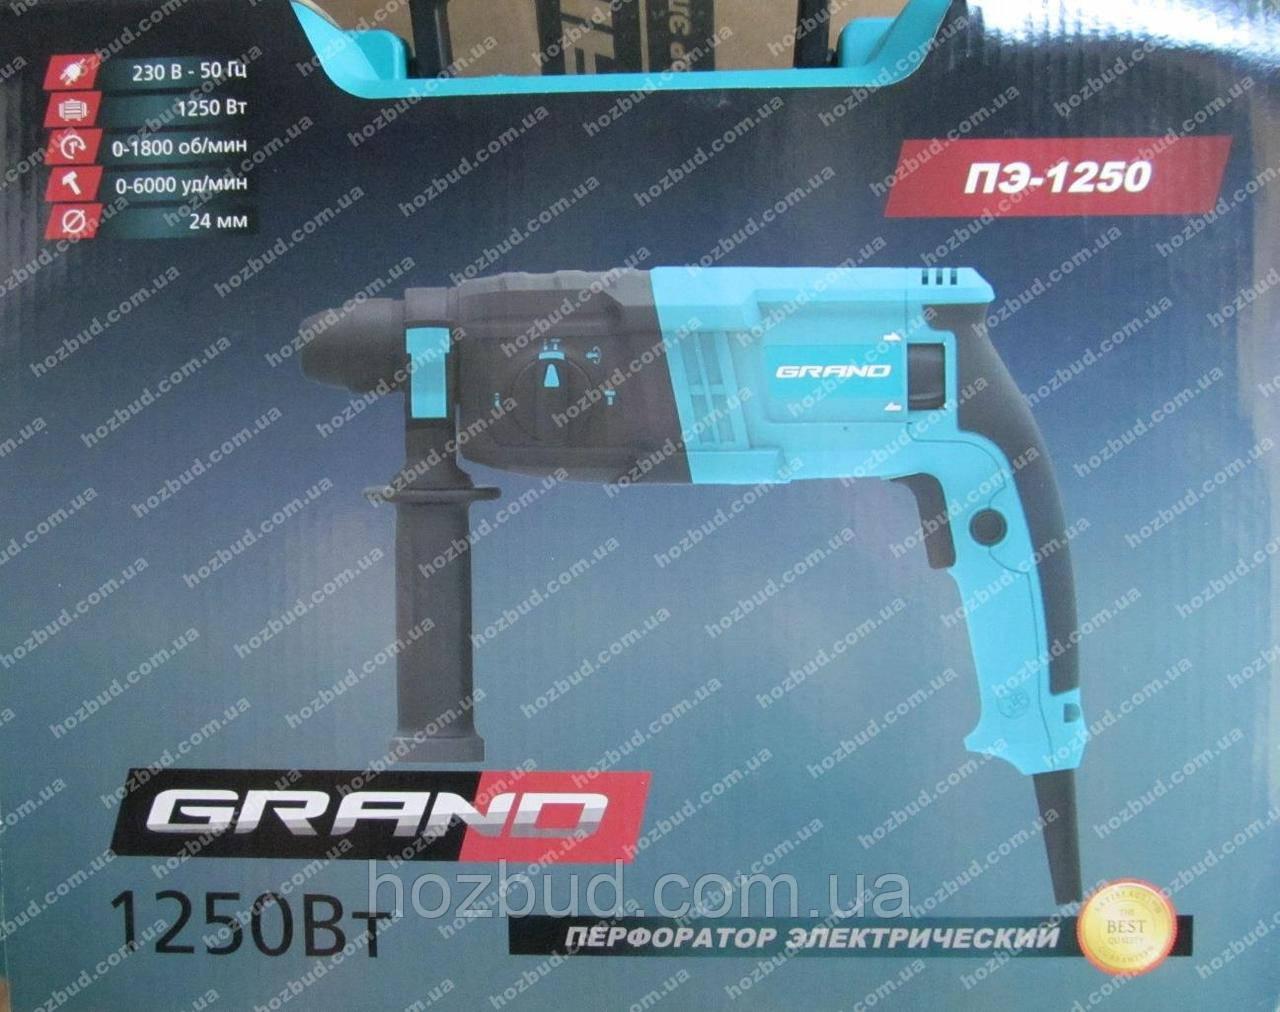 Перфоратор Grand ПЭ-1250 (3 режима)